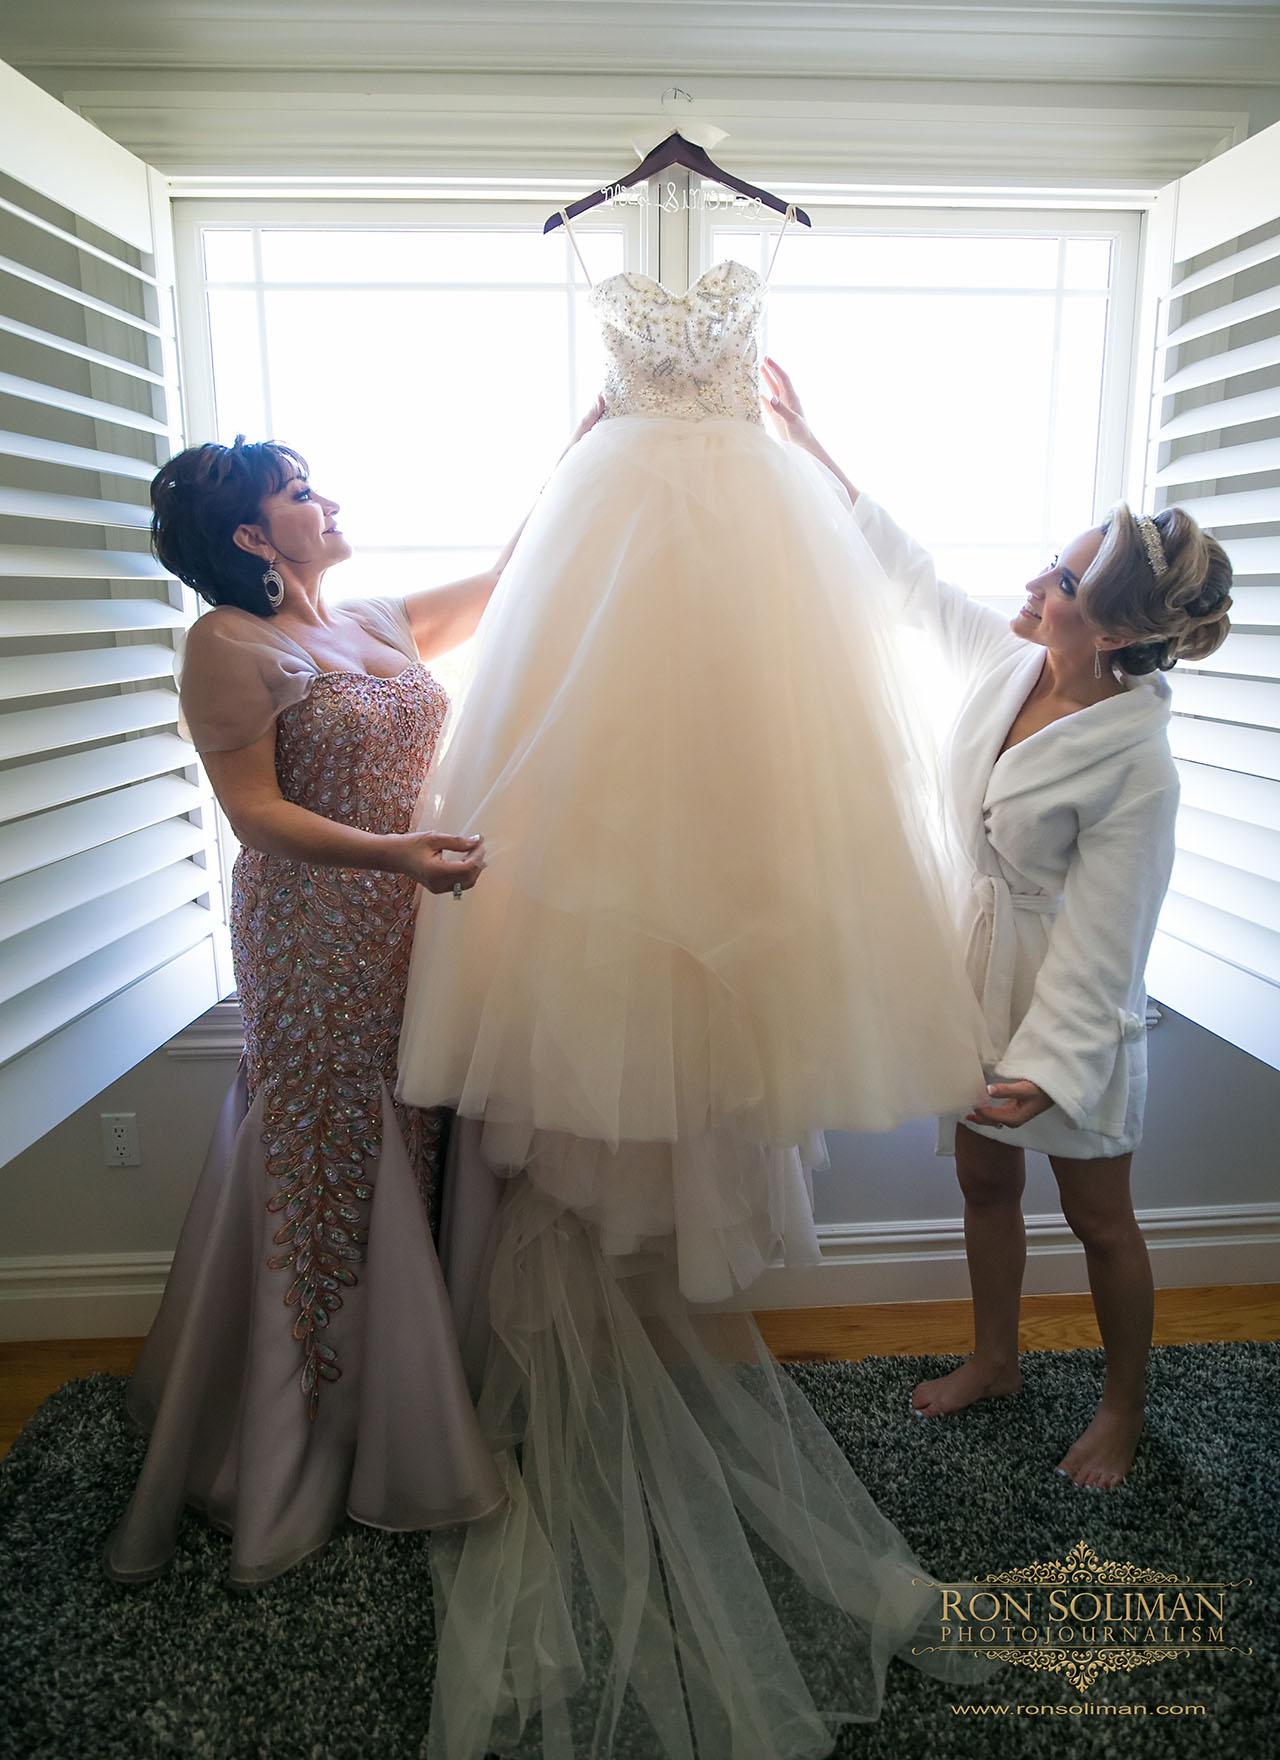 FLORENTINE GARDENS WEDDING 08